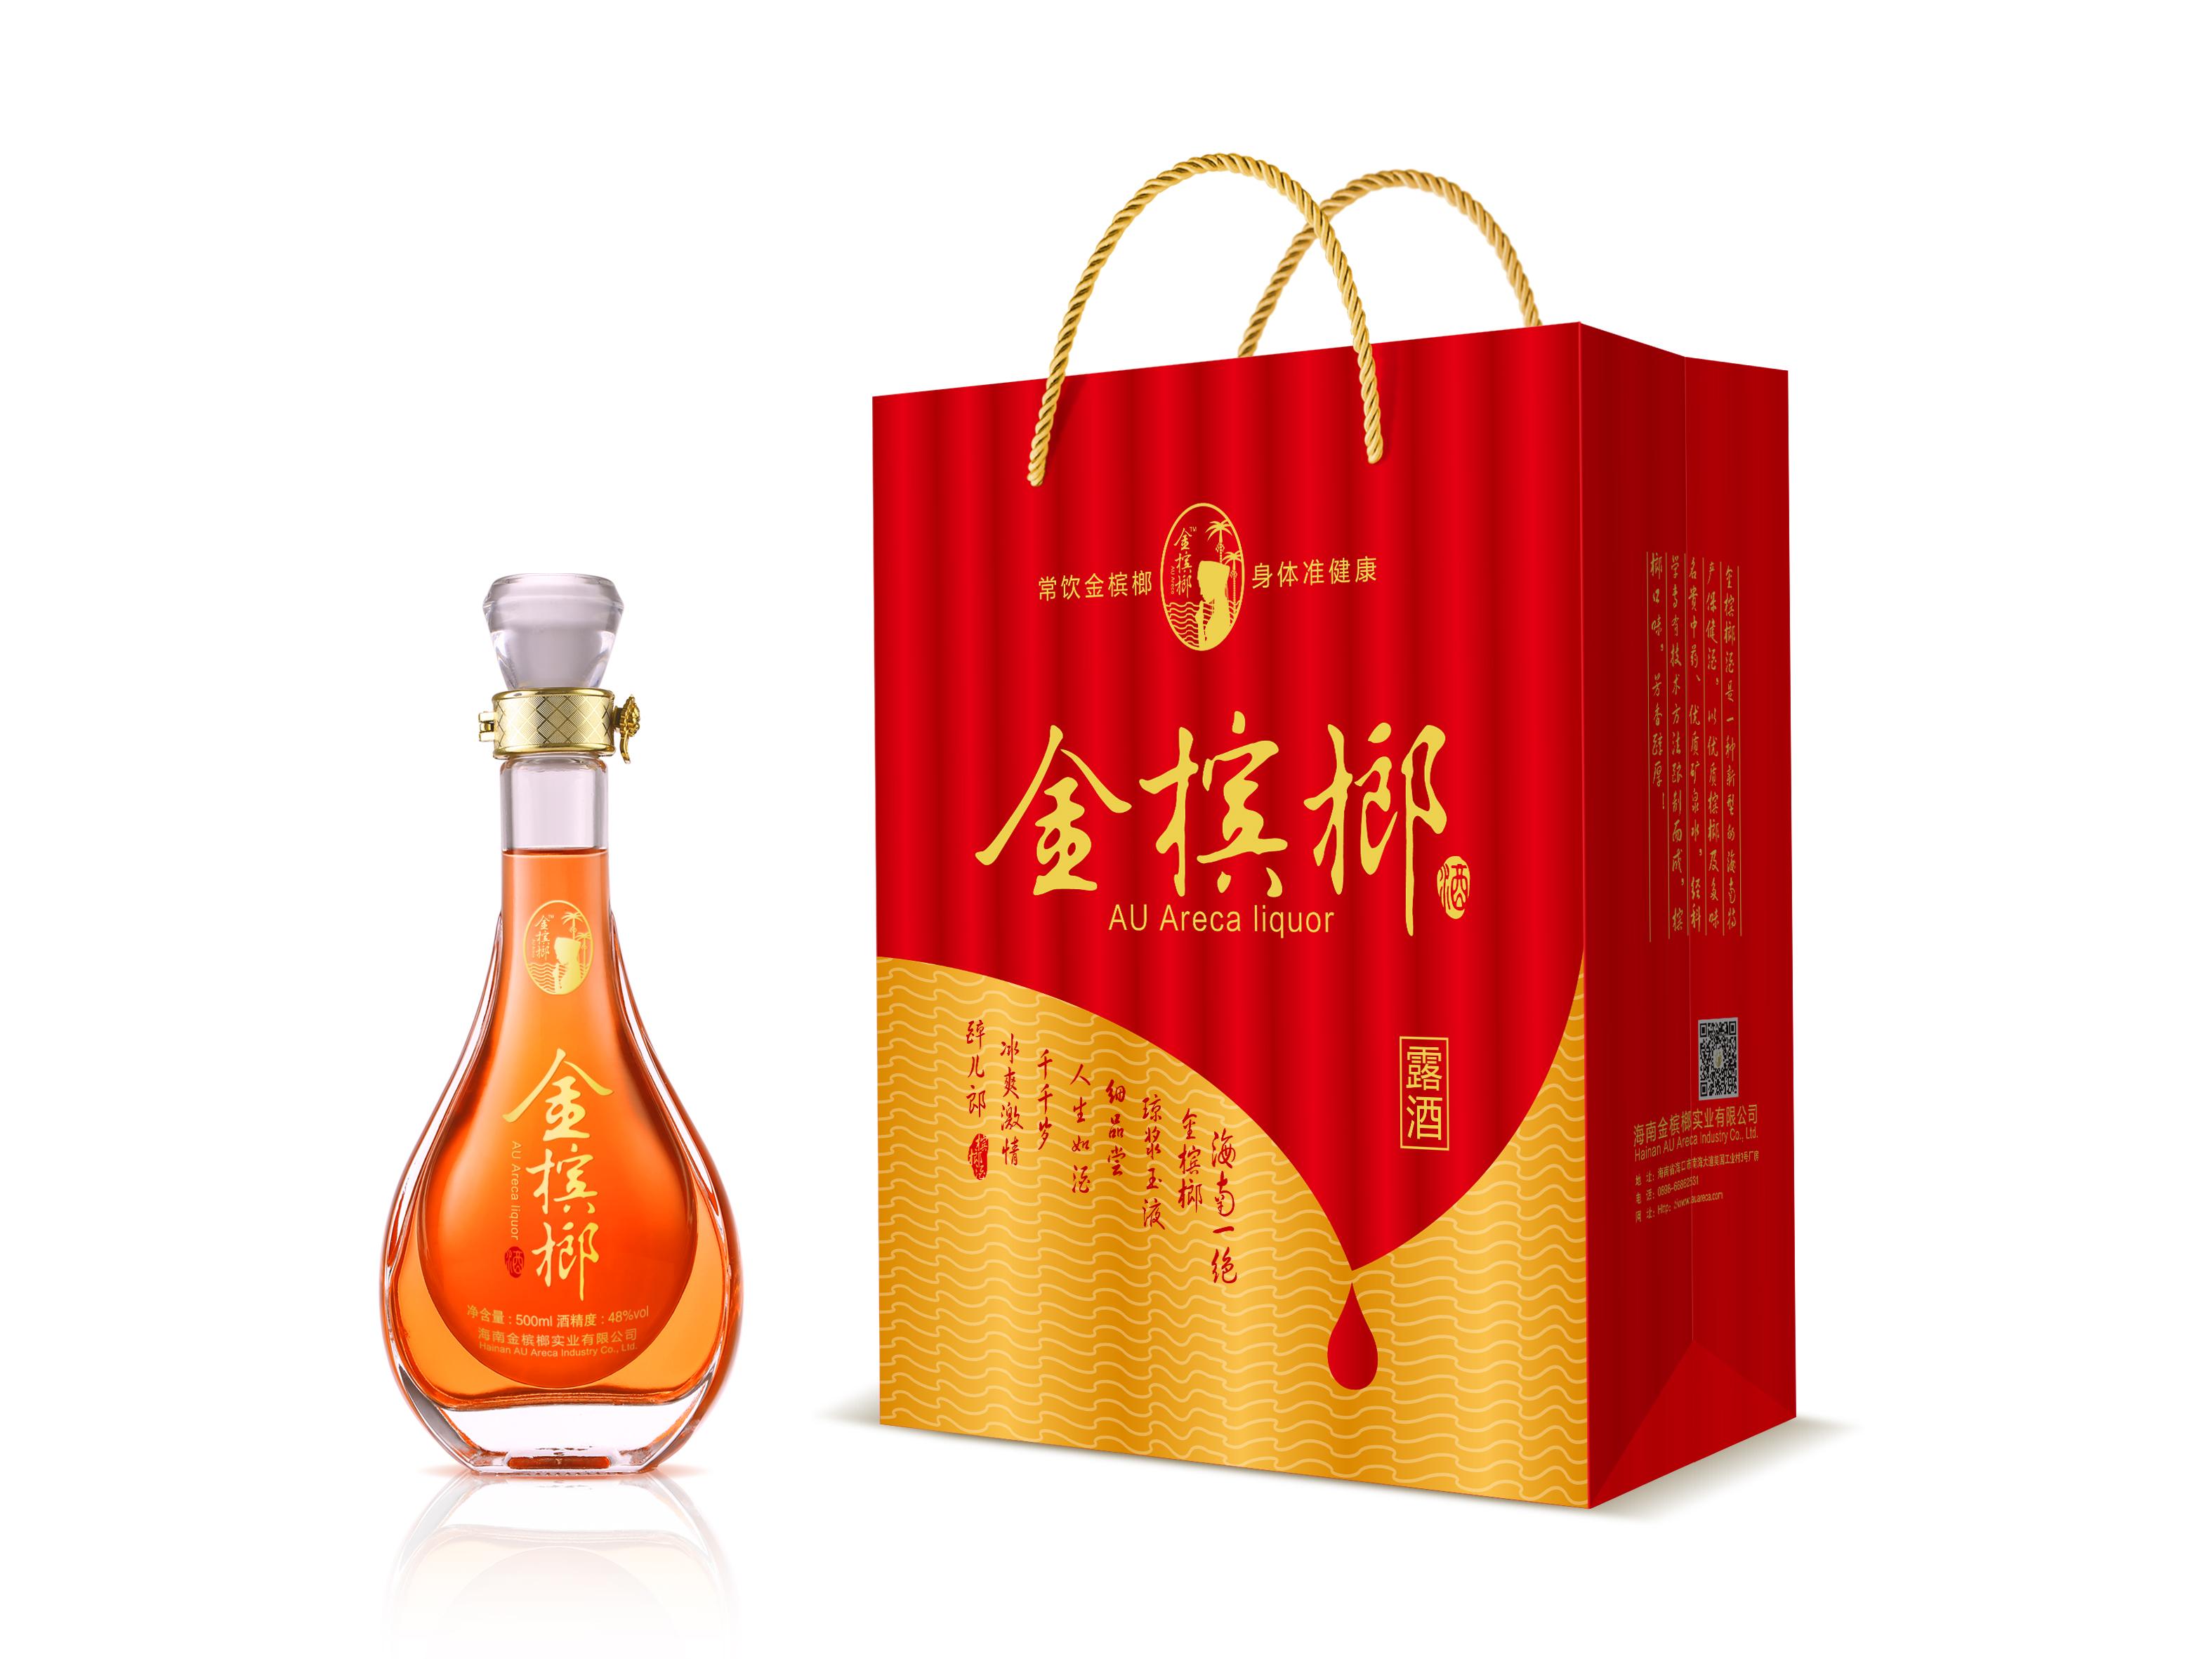 深圳保健酒包装设计案例